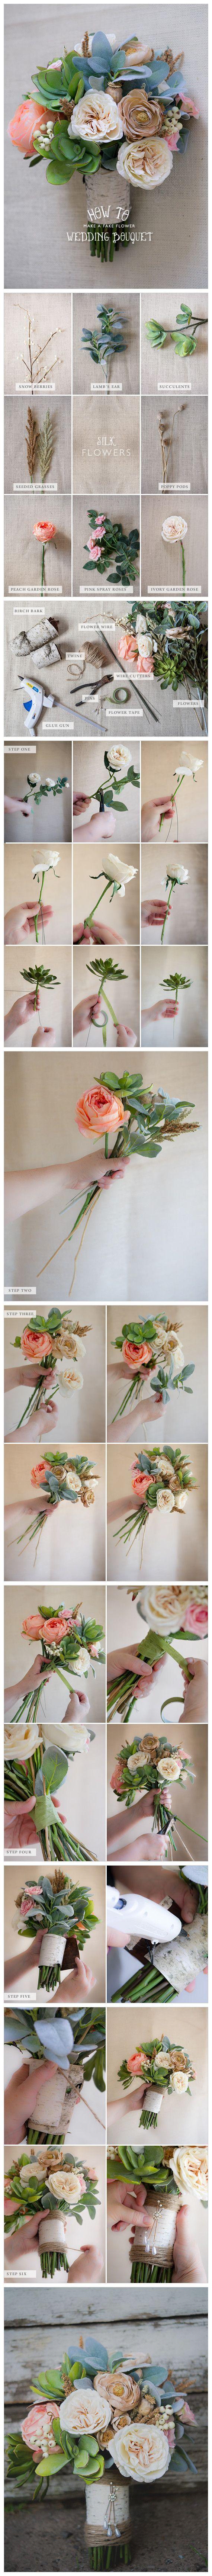 【Wedding DIY】Silk Wedding Bouquet